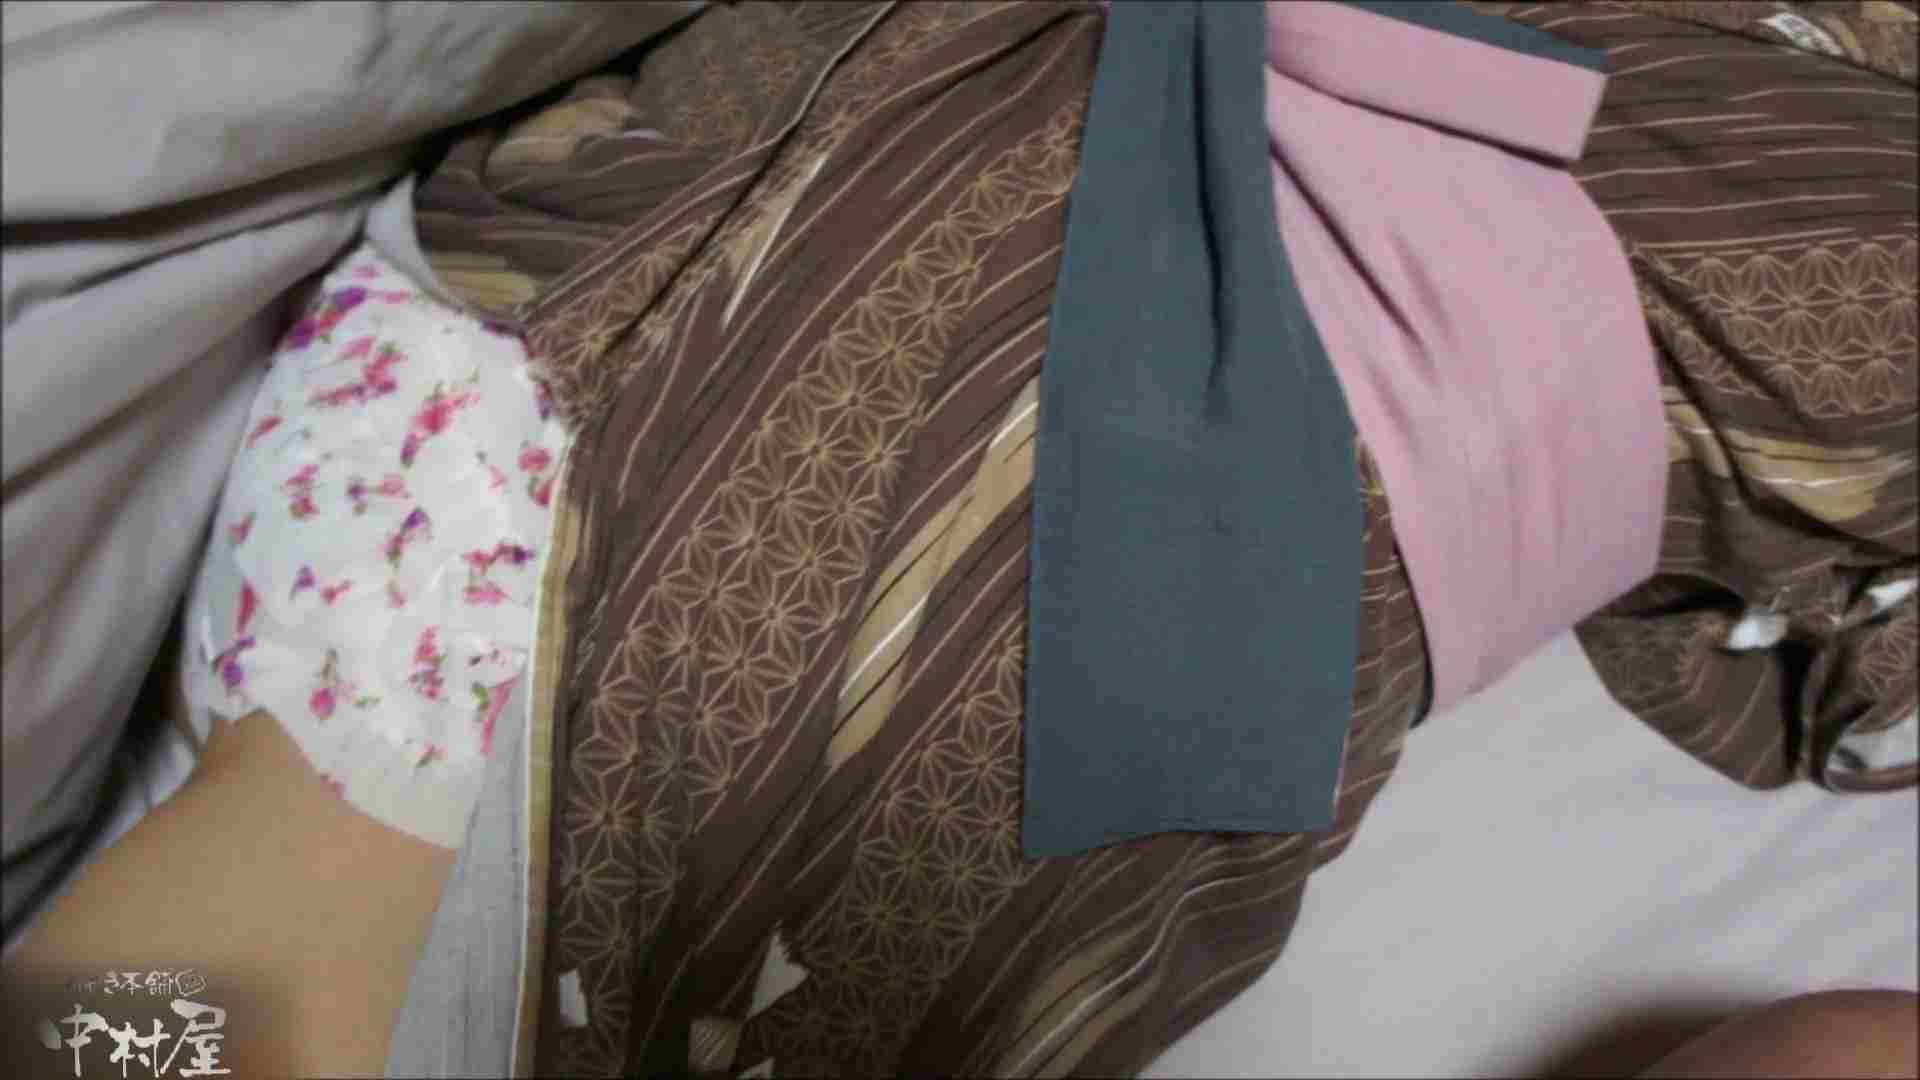 二人とも育てた甲斐がありました…vol.32  【後編】旅先で寝乱れ・・・ユリナ。 OLエロ画像 盗み撮りAV無料動画キャプチャ 46PICs 18